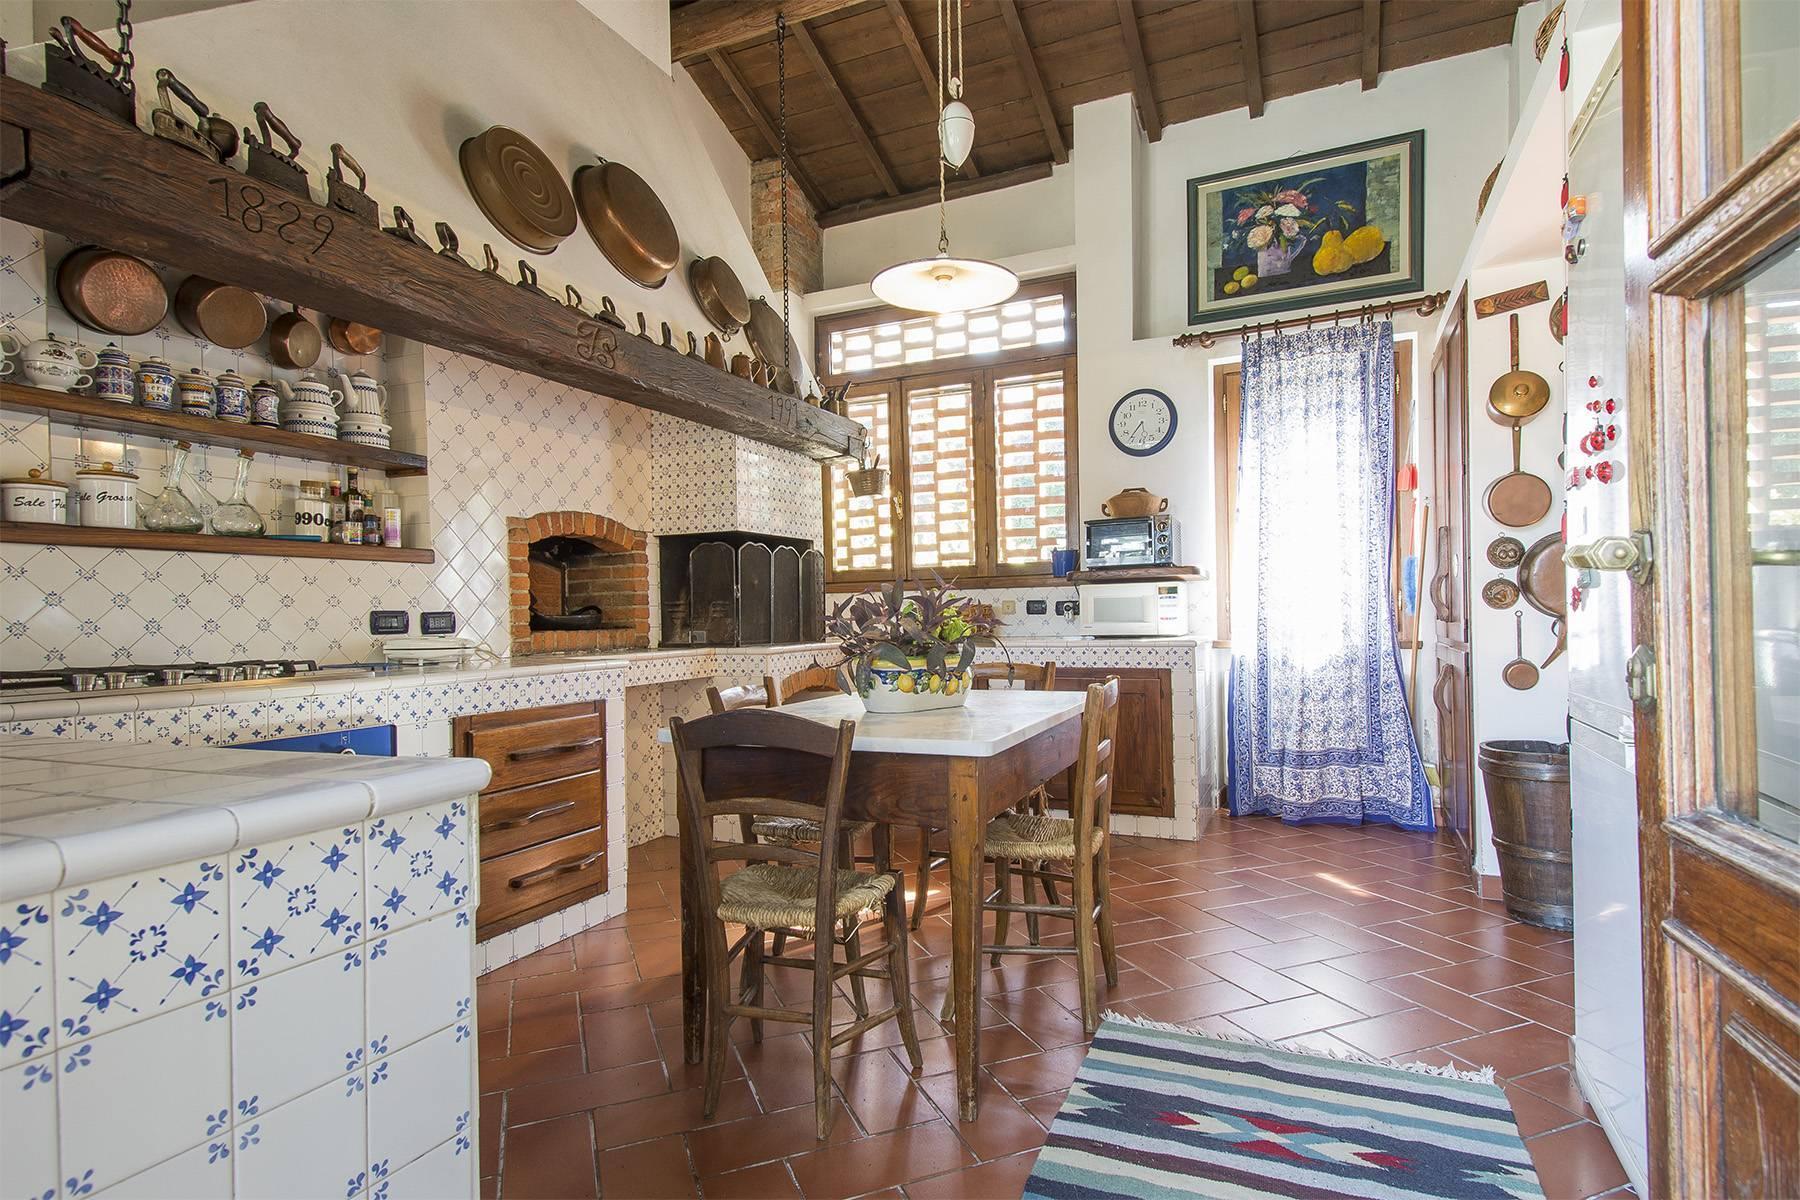 Bauernhaus mit Reitschule auf dem toskanischen Landschaft - 11